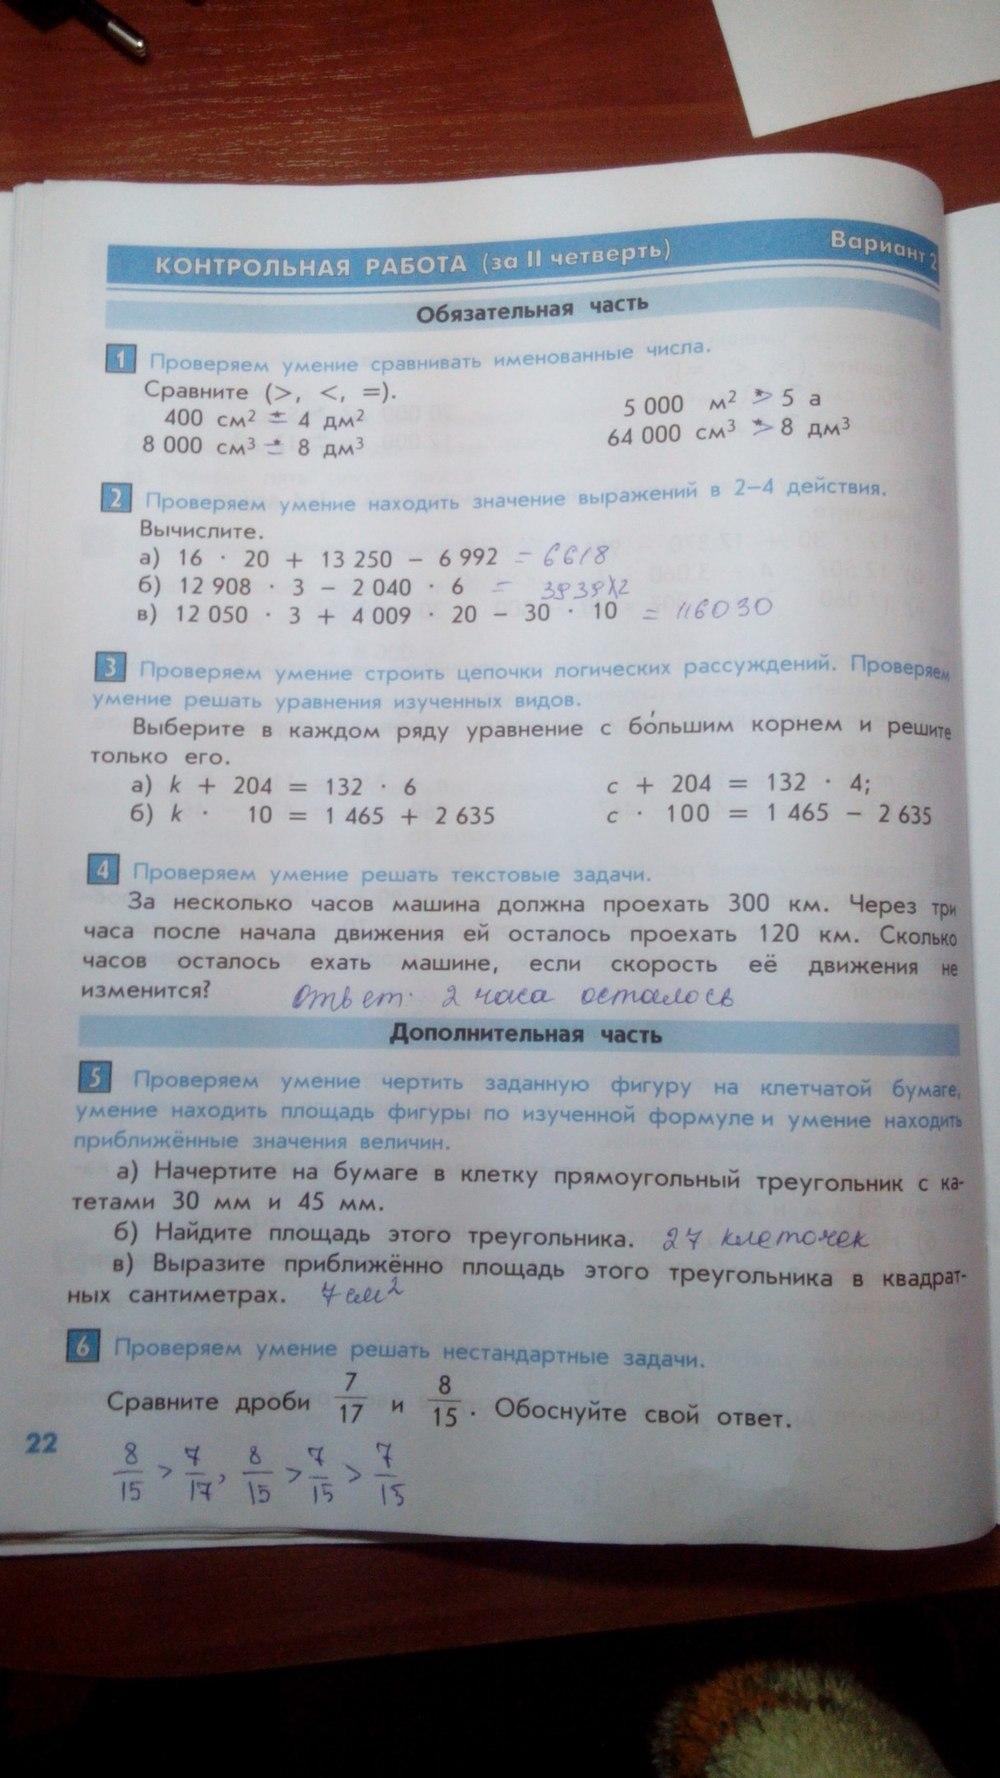 Как решить задачу 6 класс козлова рубин реши орфографические задачи